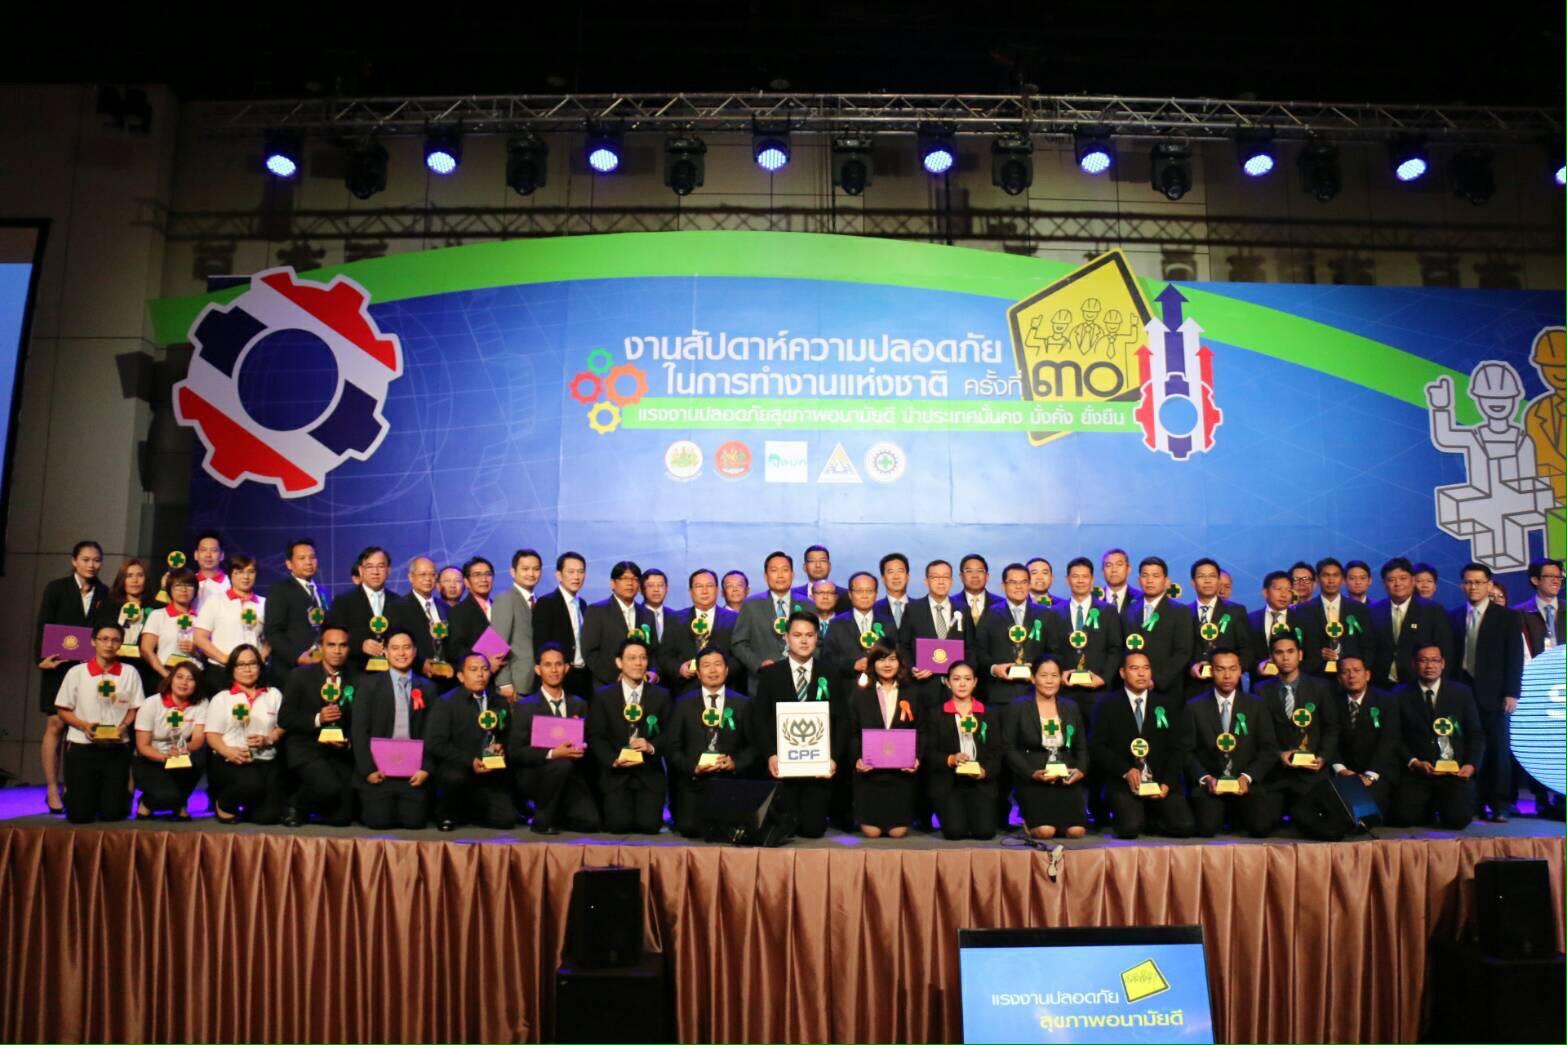 เครือเจริญโภคภัณฑ์กวาด 94 รางวัลสถานประกอบการดีเด่นด้านความปลอดภัยฯ ปี 2559 จากกระทรวงแรงงาน และ ระดับอาเซียน